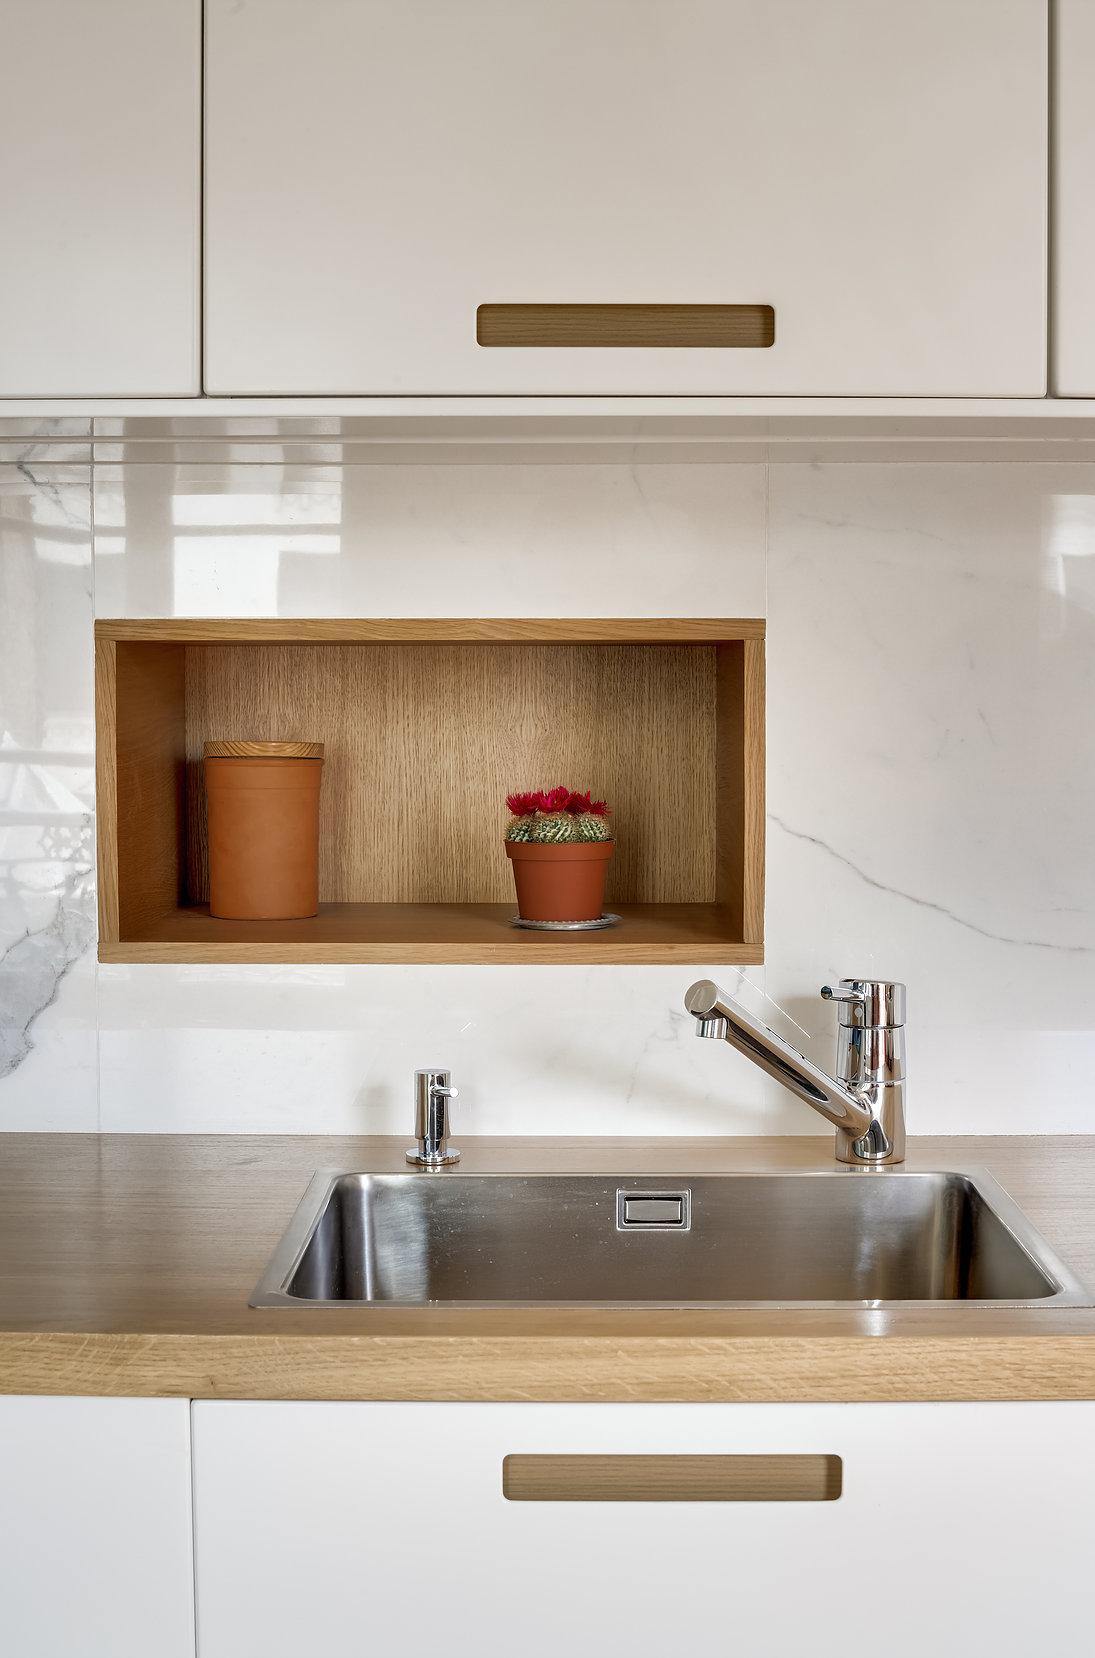 Ниша в фартуке кухни